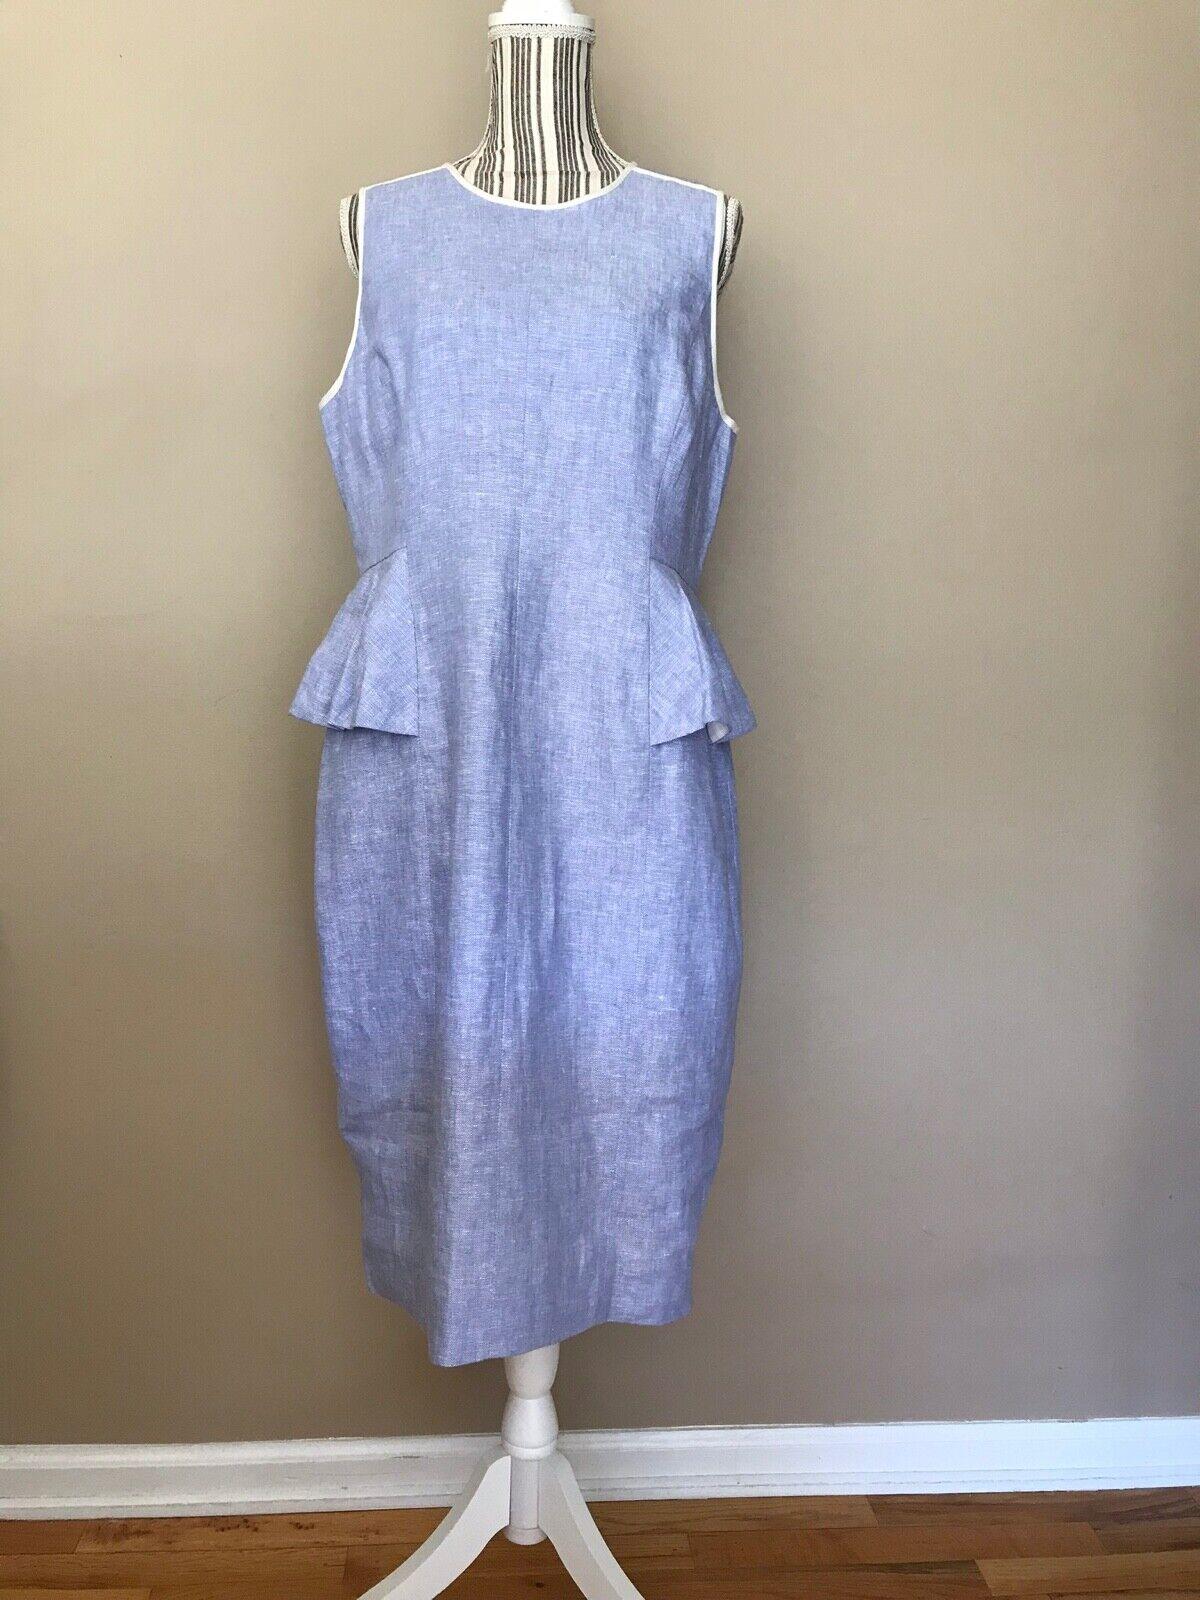 J. Crew woman's Light Blue Linen Peplum A Line Dress fully lined Size 12 NWT